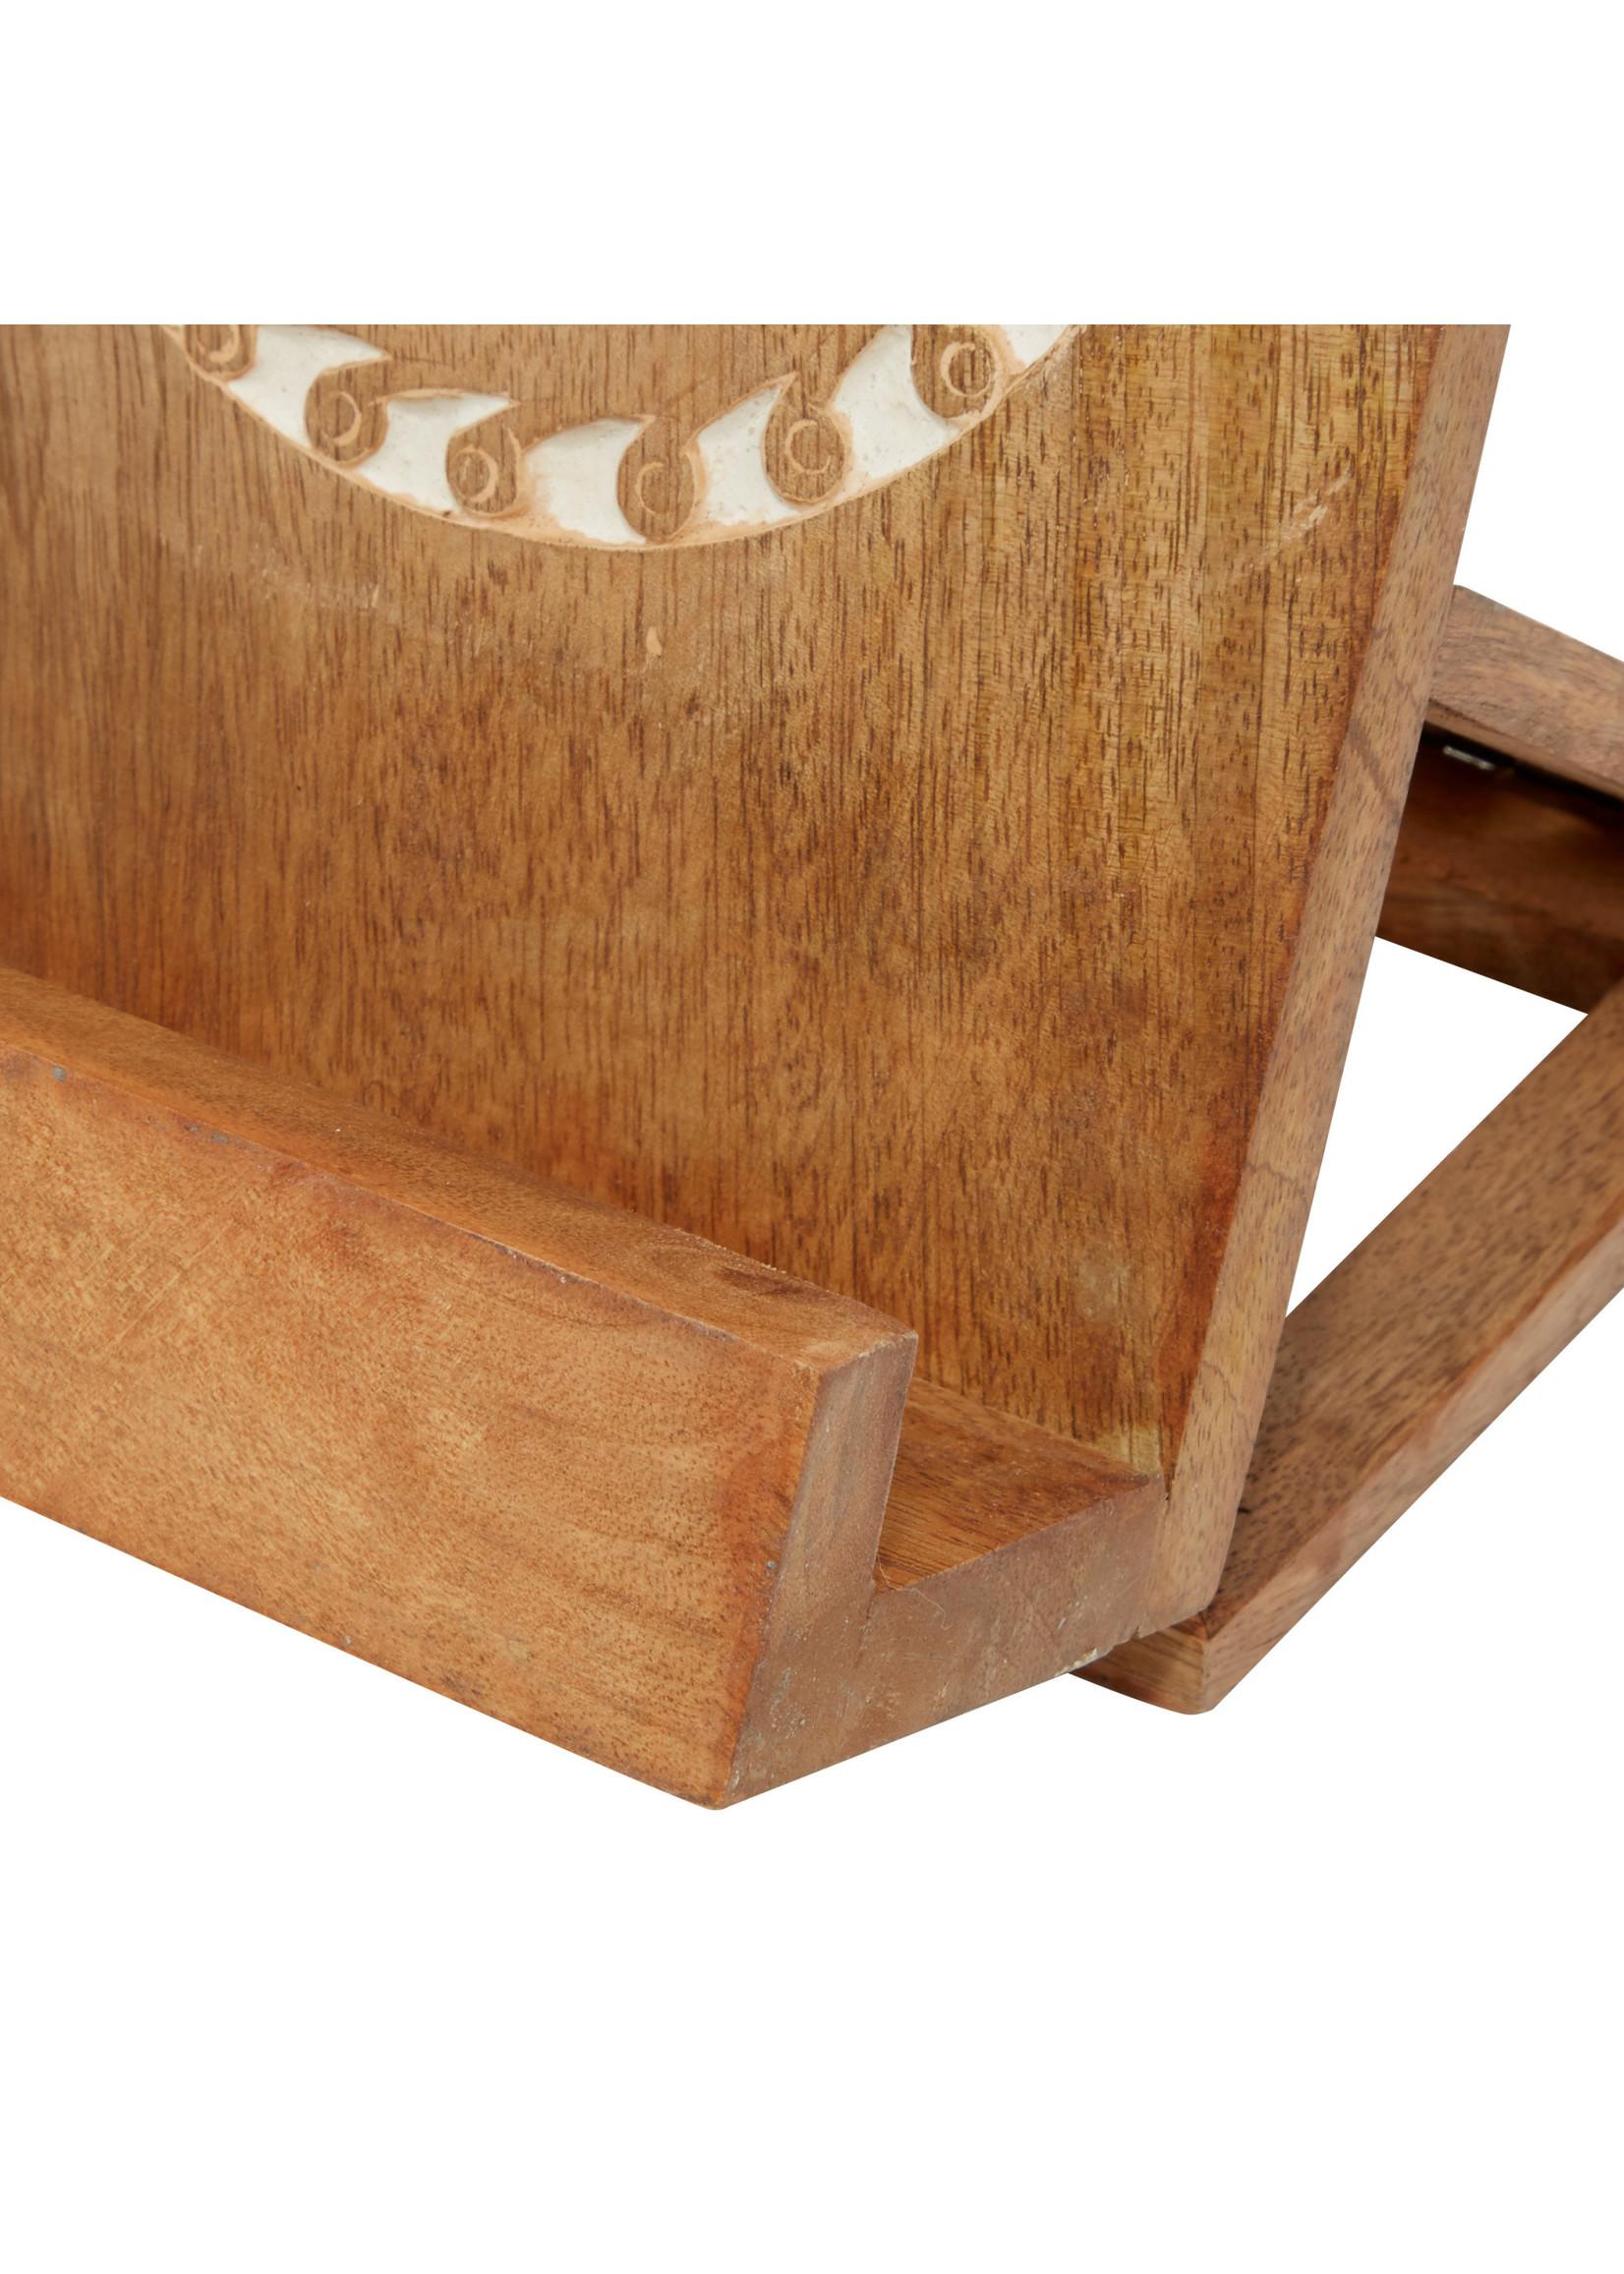 UMA Enterprises Wood Book Holder - Natural